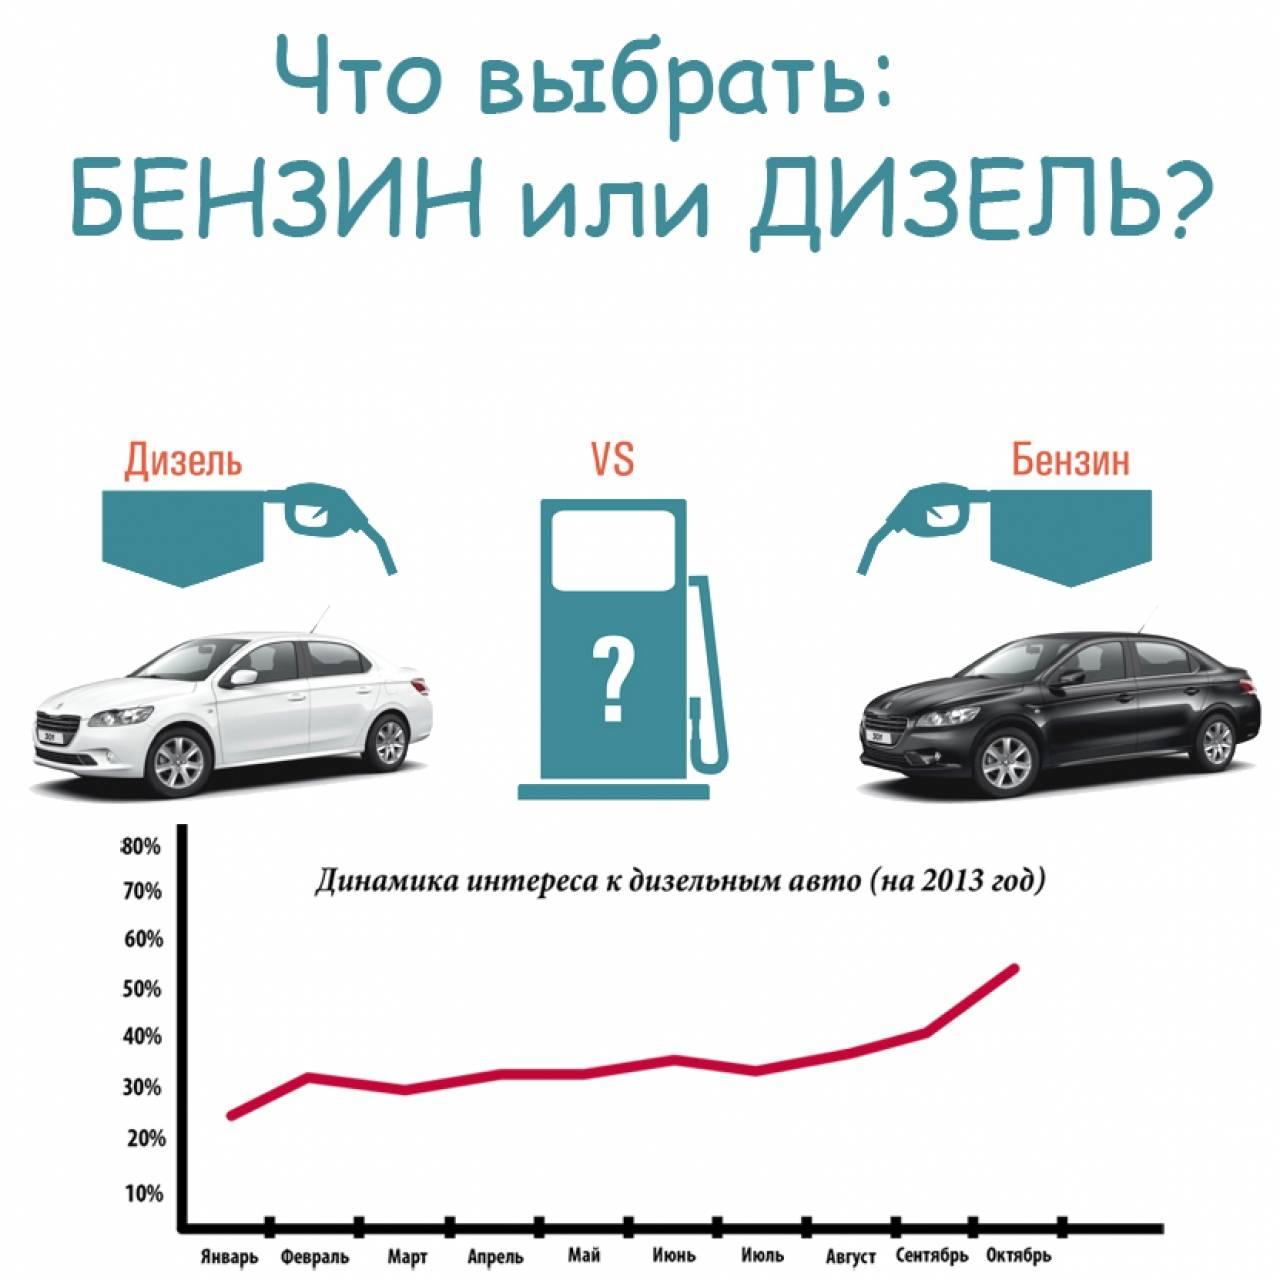 Двигатель: бензиновый или дизельный. Что выбрать?